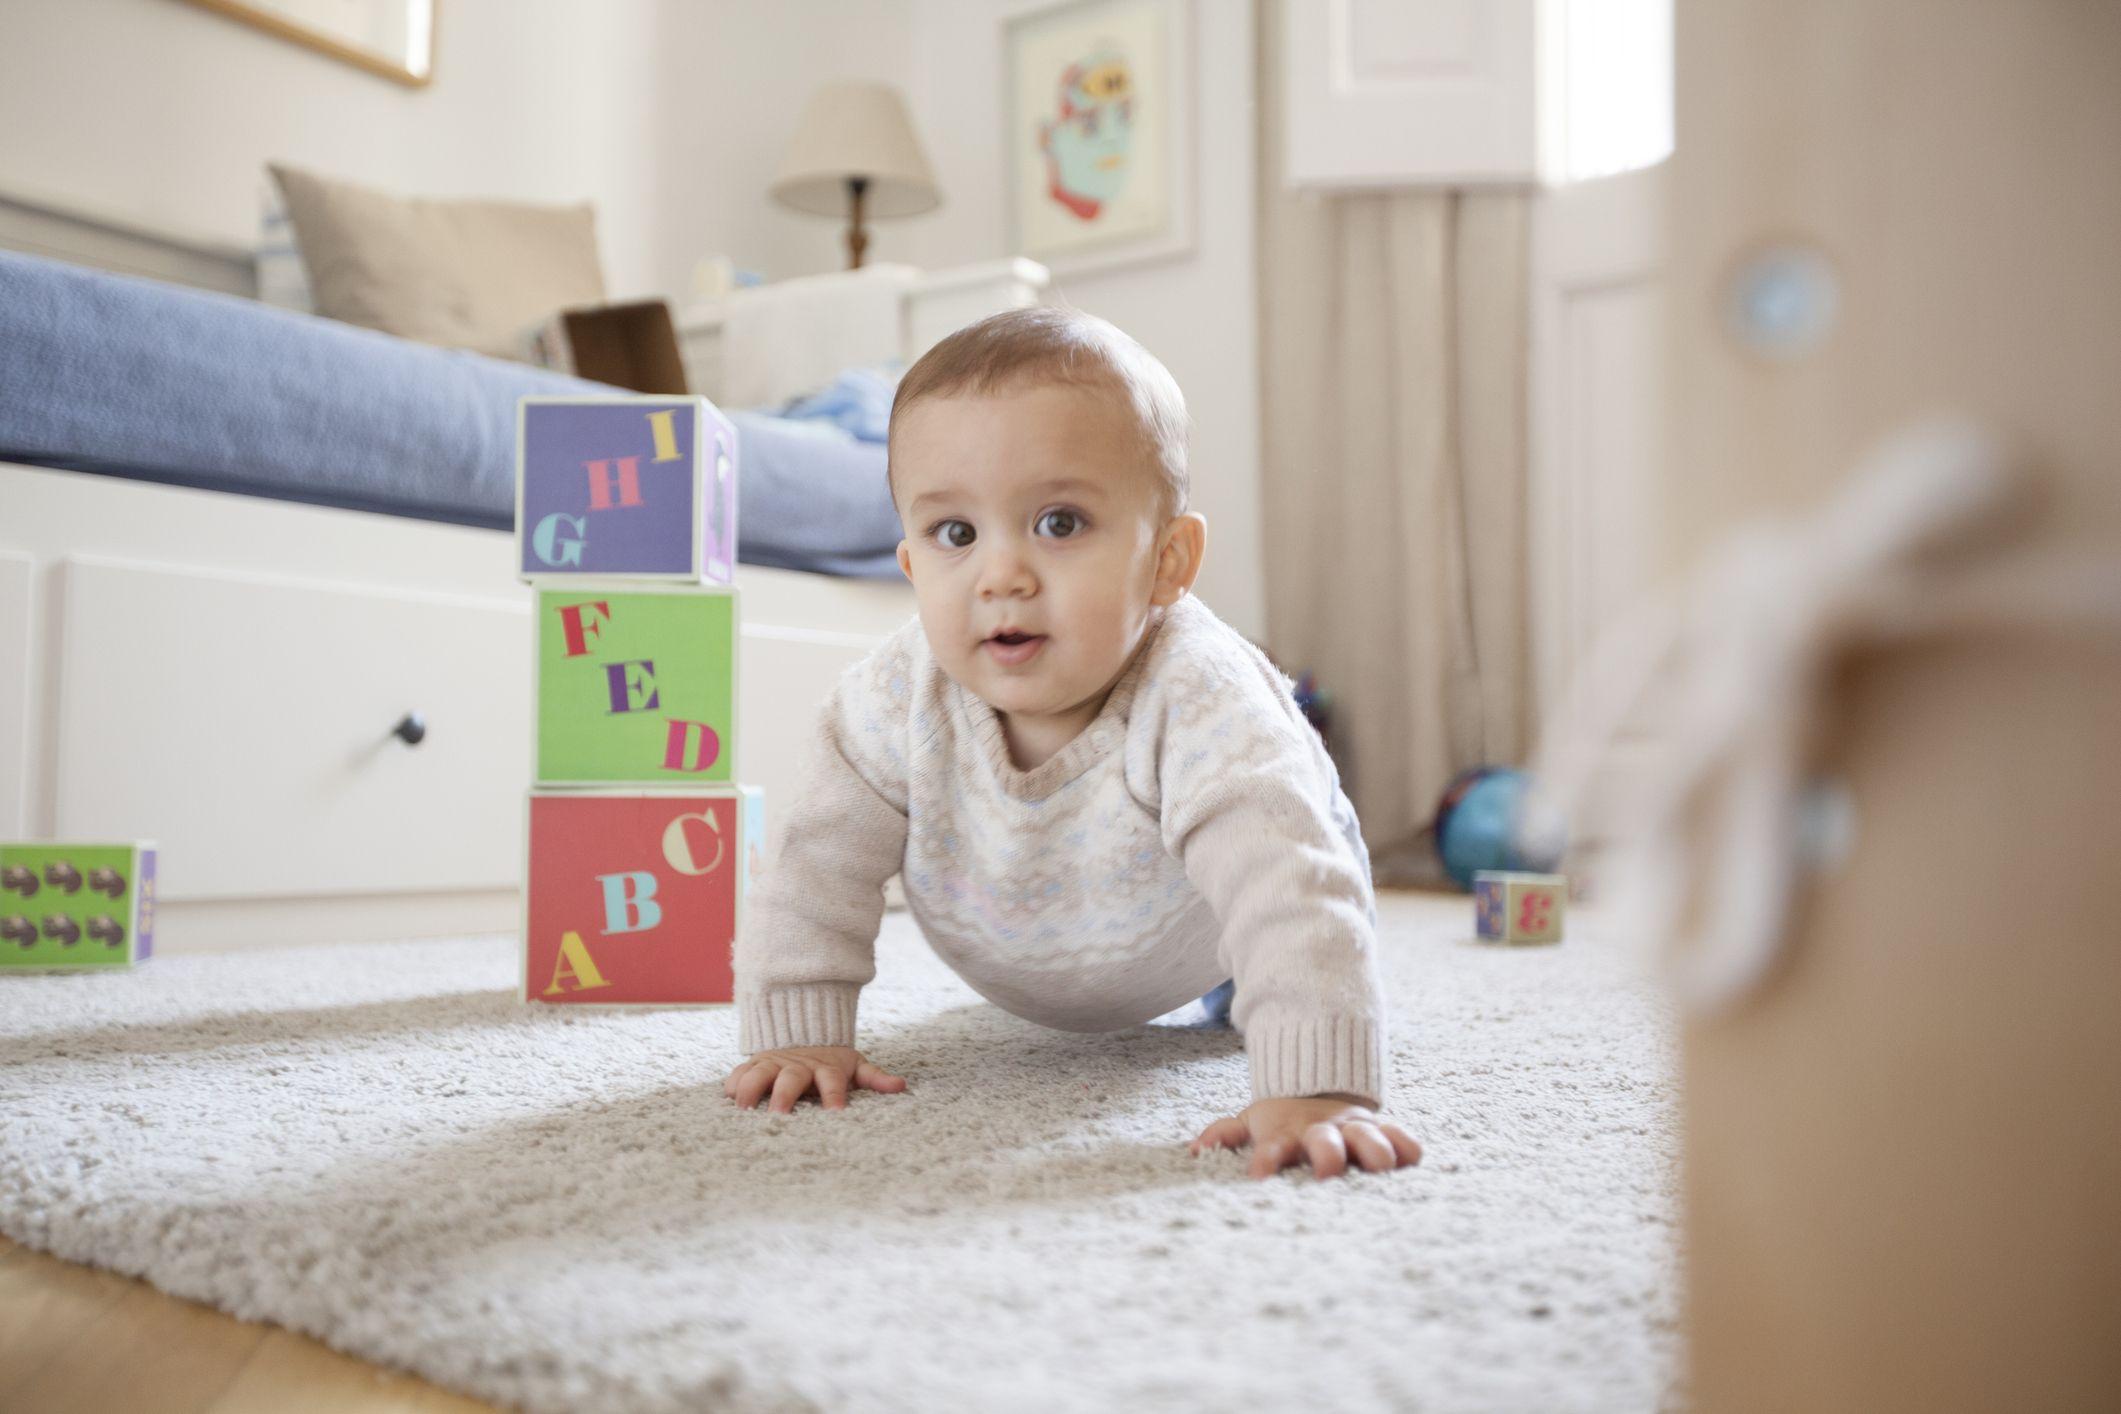 Ropa de bebé mientras gatea